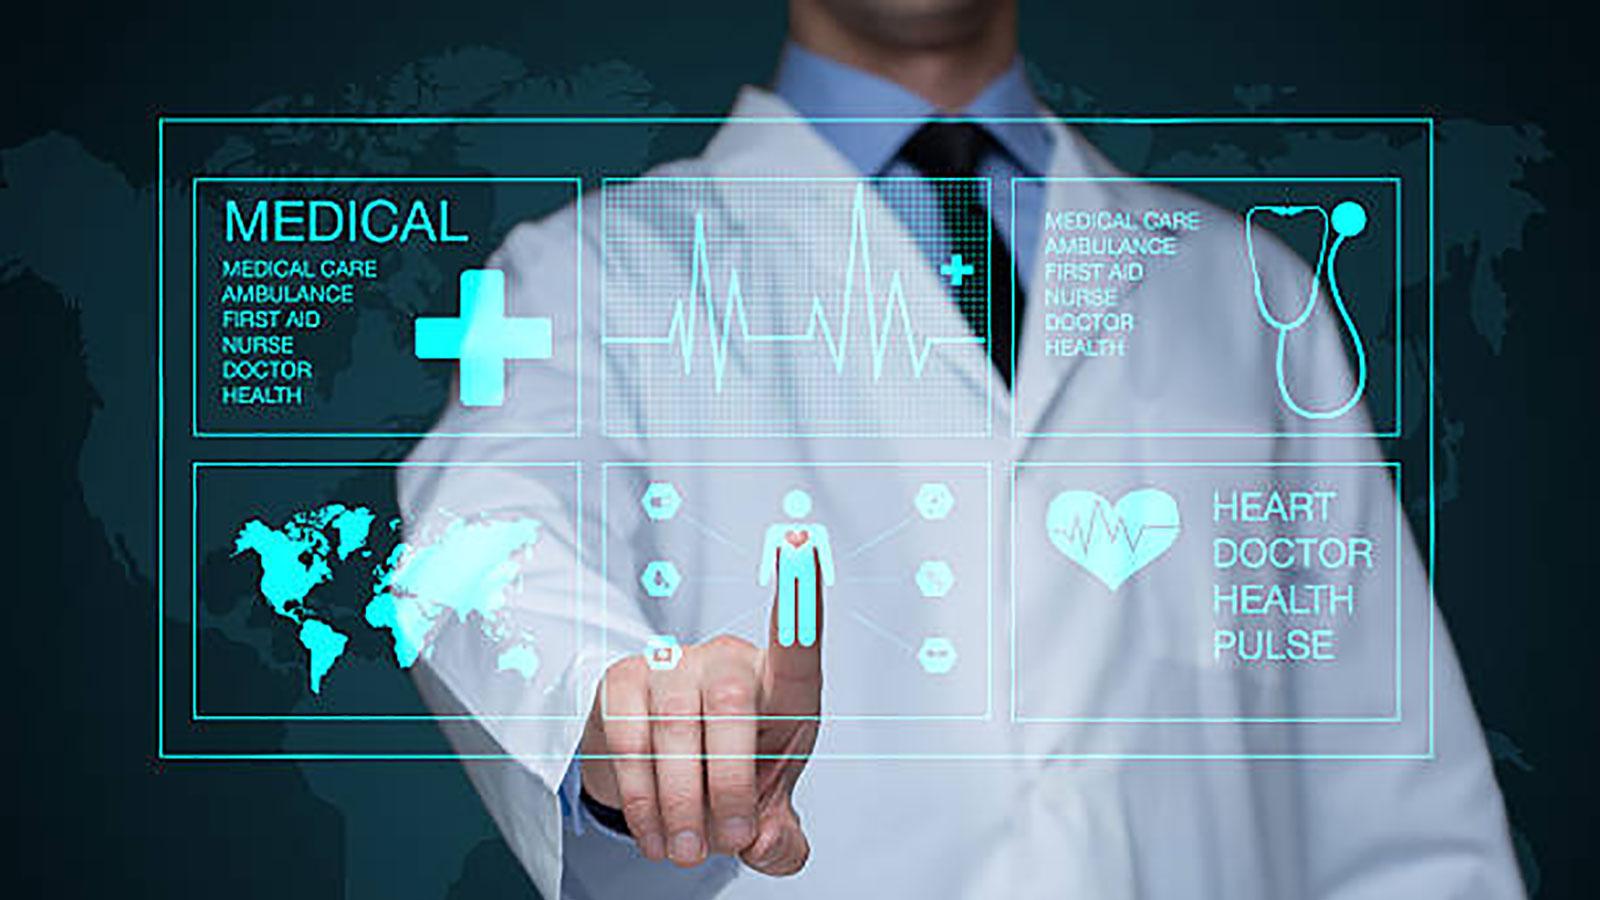 Τεχνολογία υγείας πανδημία: Πρόοδοι, διευκολύνσεις και προώθηση της αυτονομίας